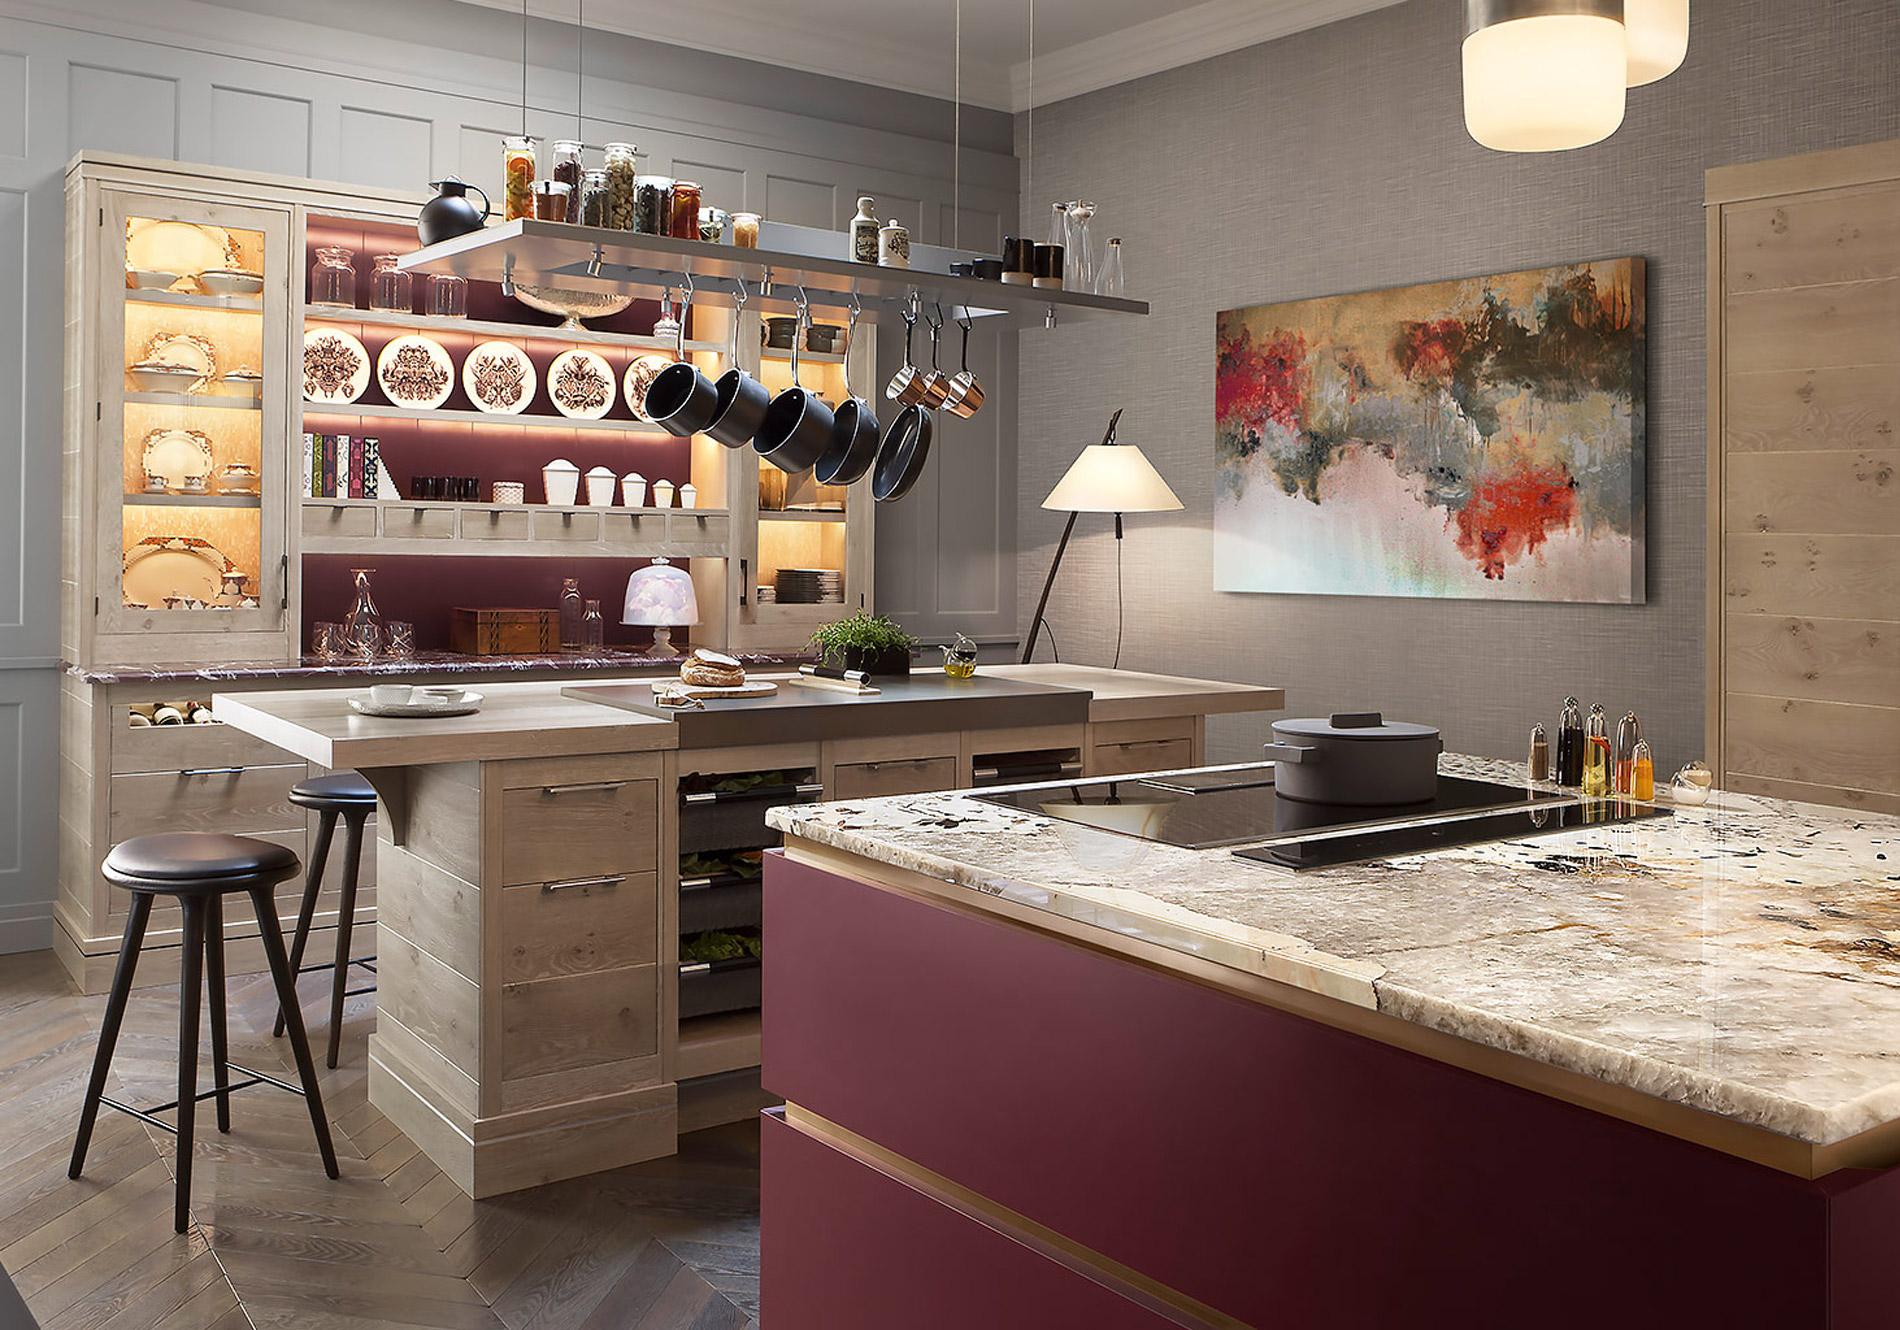 Brasserie kitchen by Smallbone